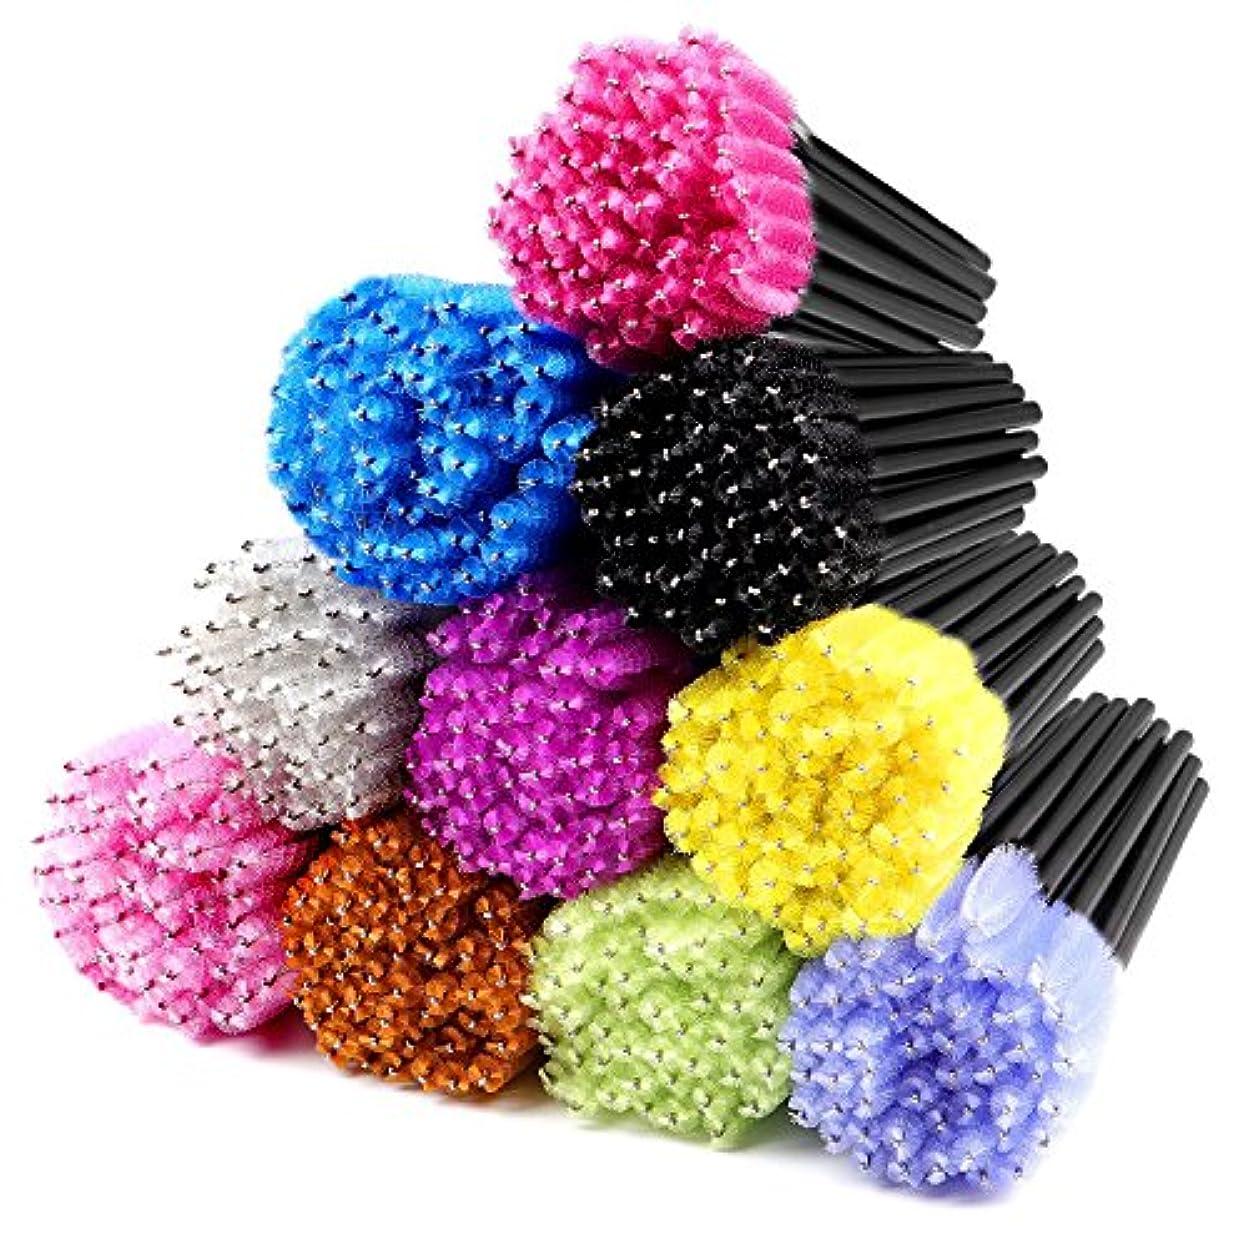 エクステントラッカスベーリング海峡パッケージが含まれる:500ピース多色使い捨てマスカラテスタワンドキットは、10の異なる色のまつげ眉毛色あたり50個ブラシ含みます。